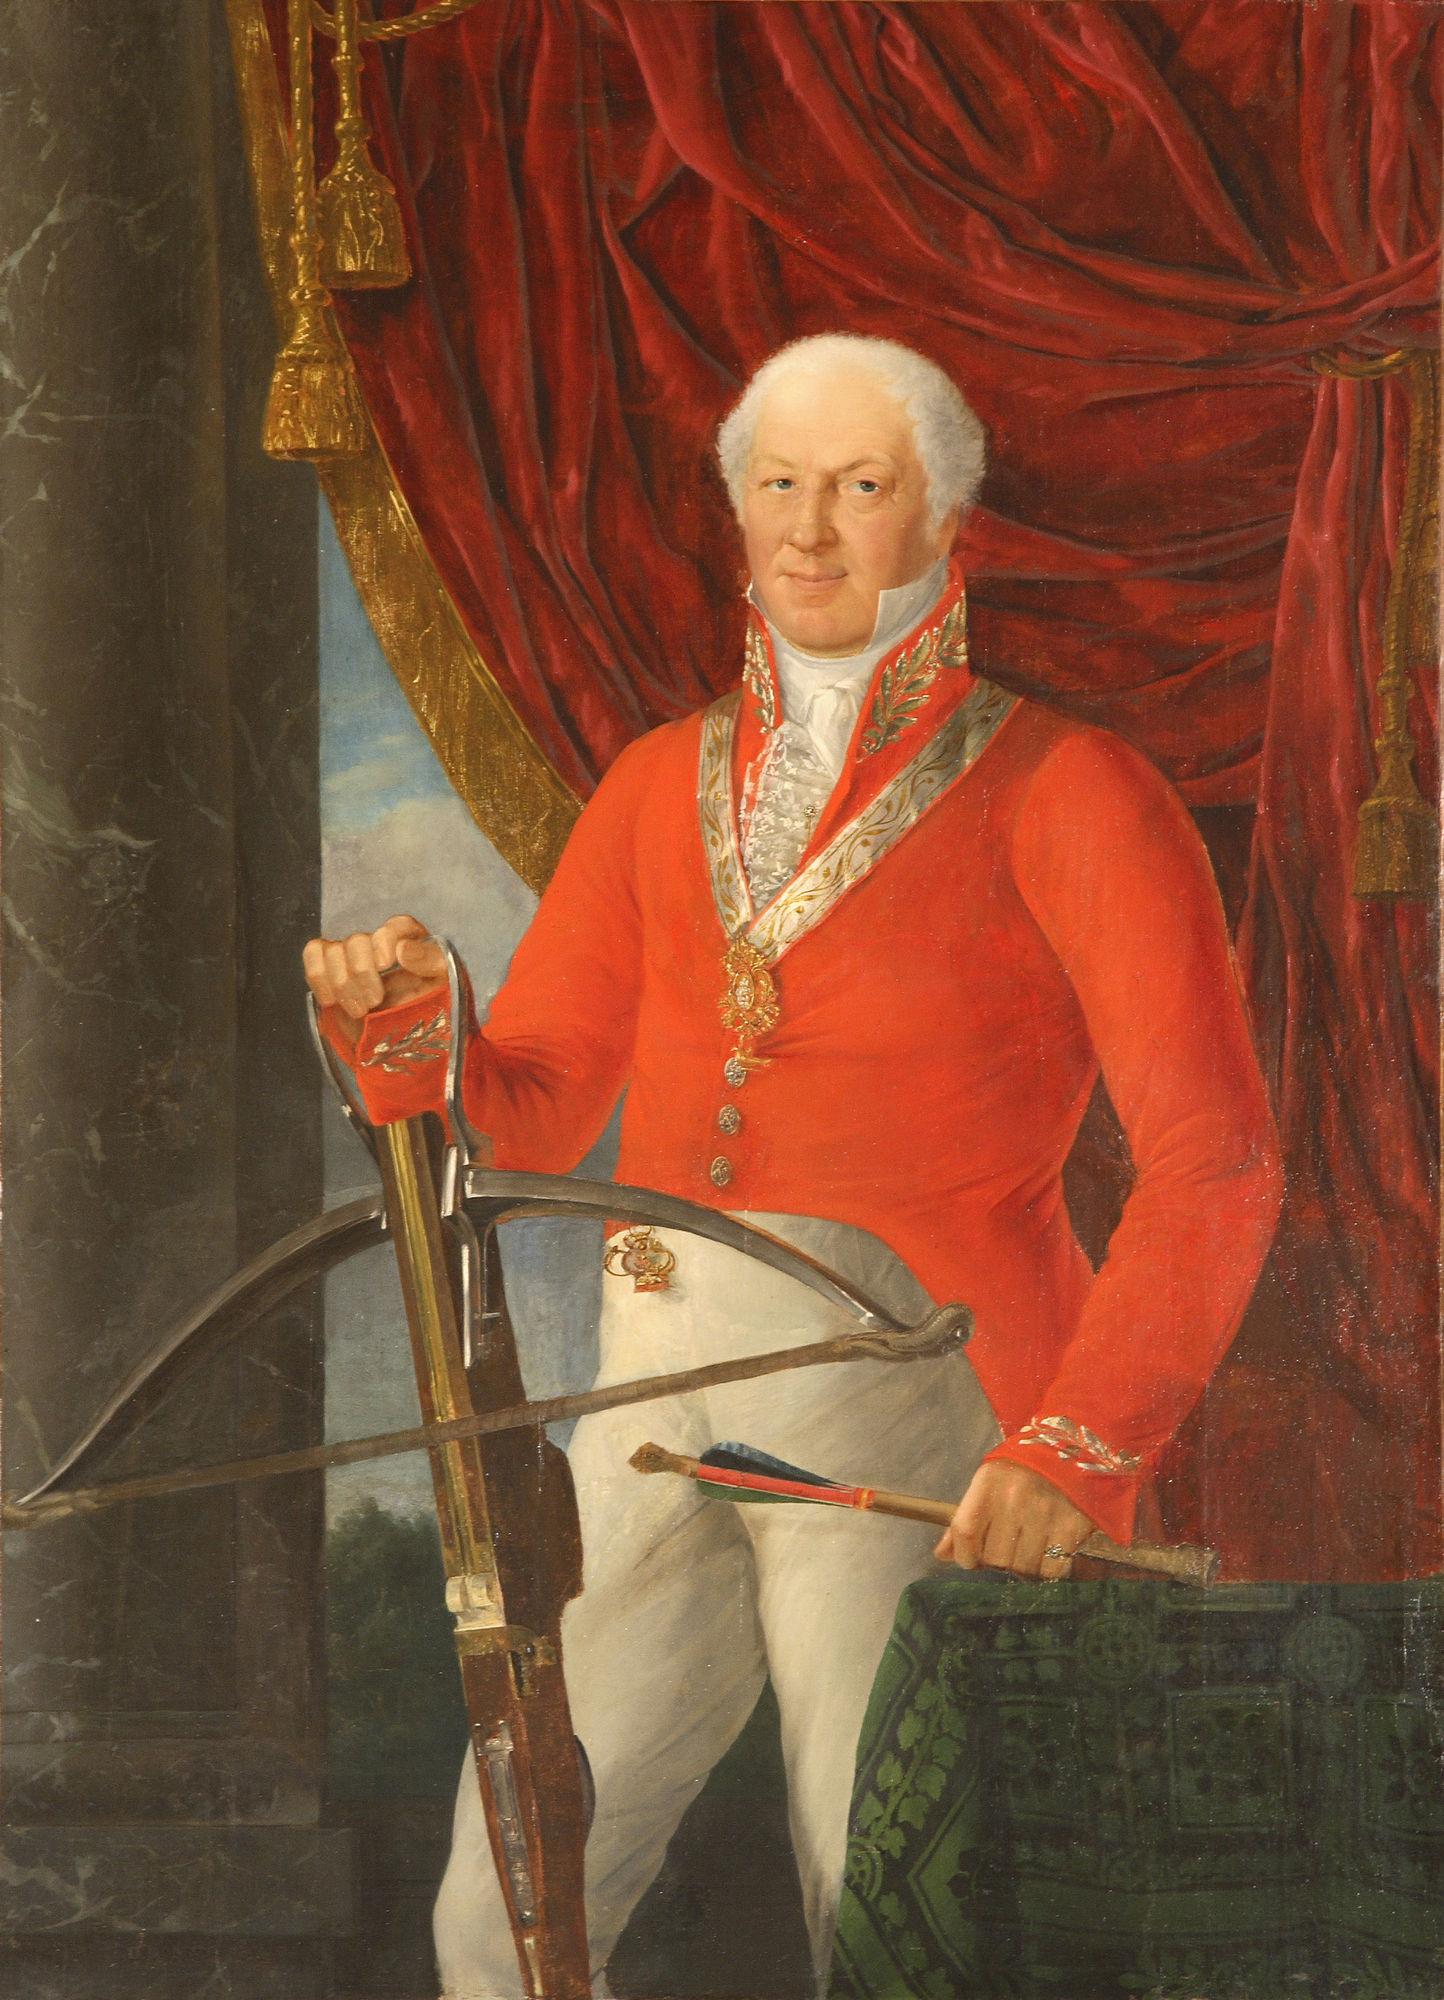 Joseph Rosseuw van de Sint-Jorisgilde